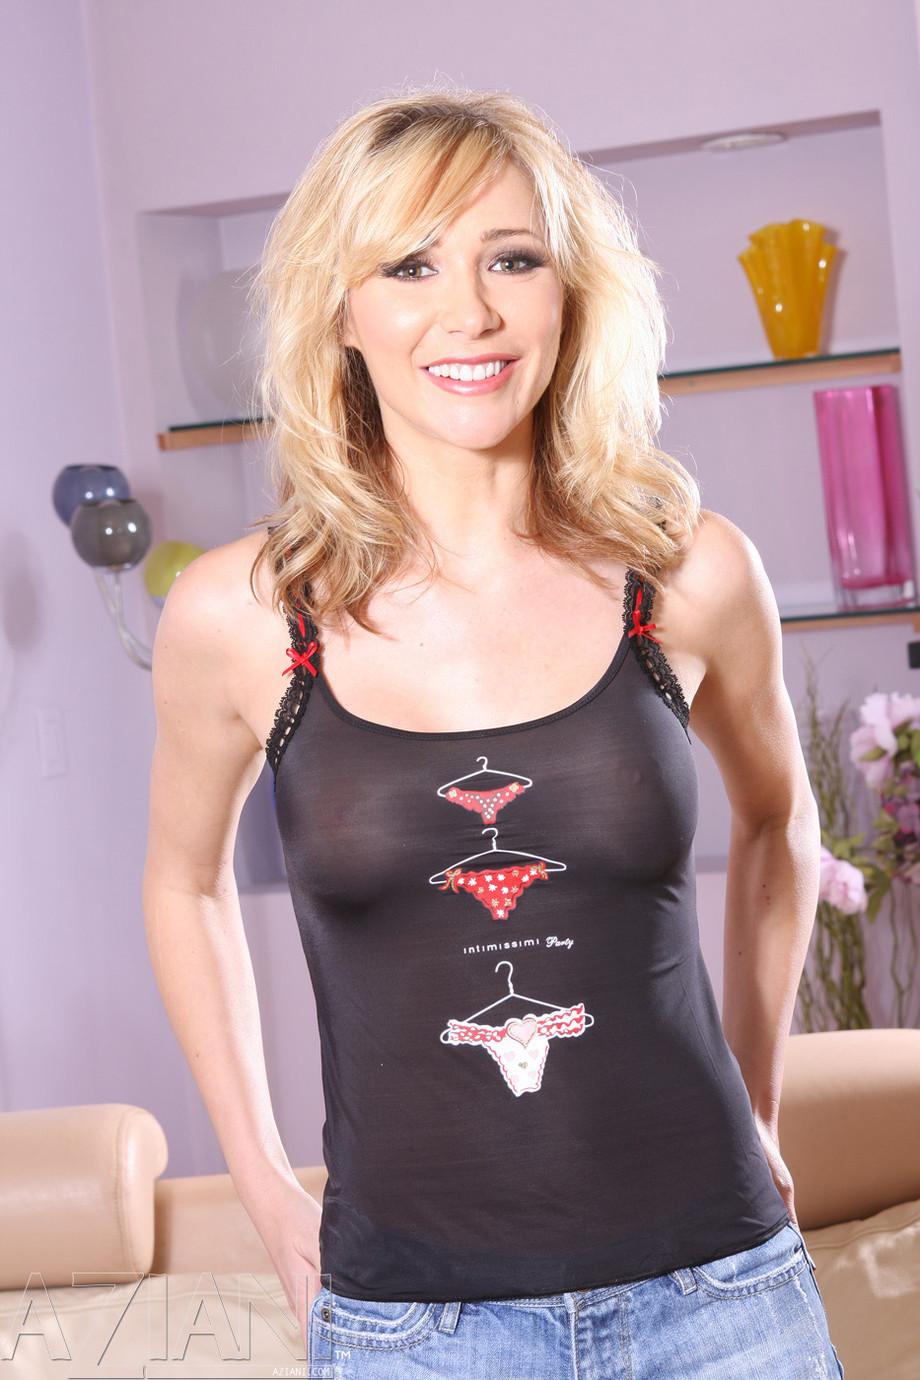 Sabrina Rose Tight See-Through shirt